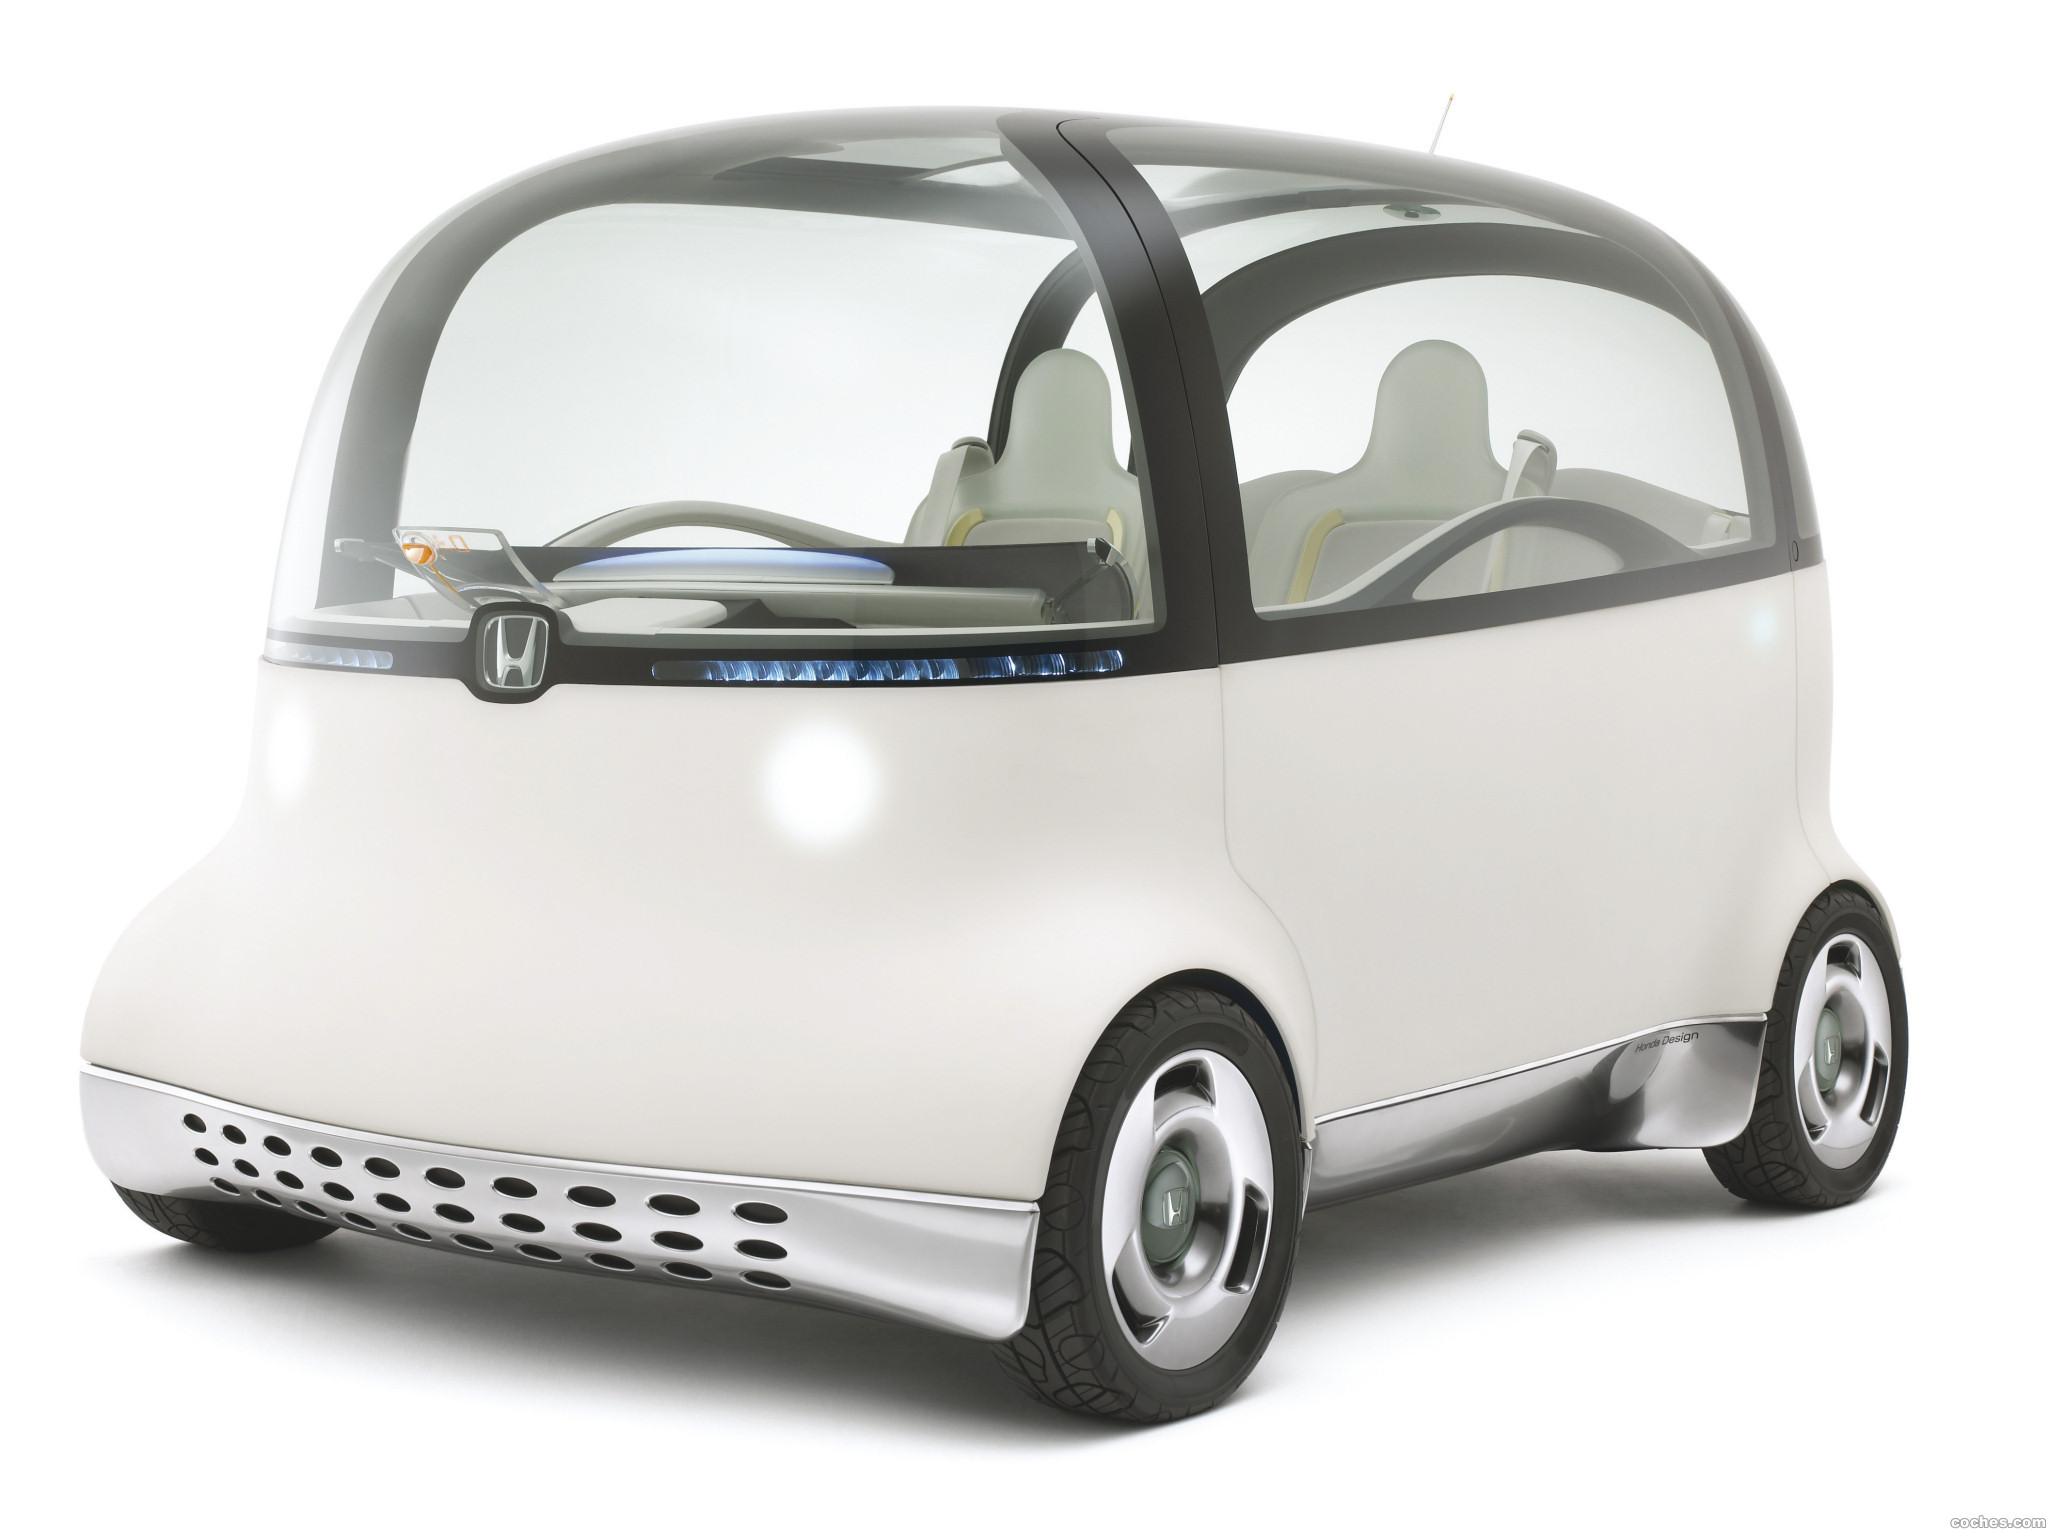 Foto 0 de Honda Puyo Concept 2007